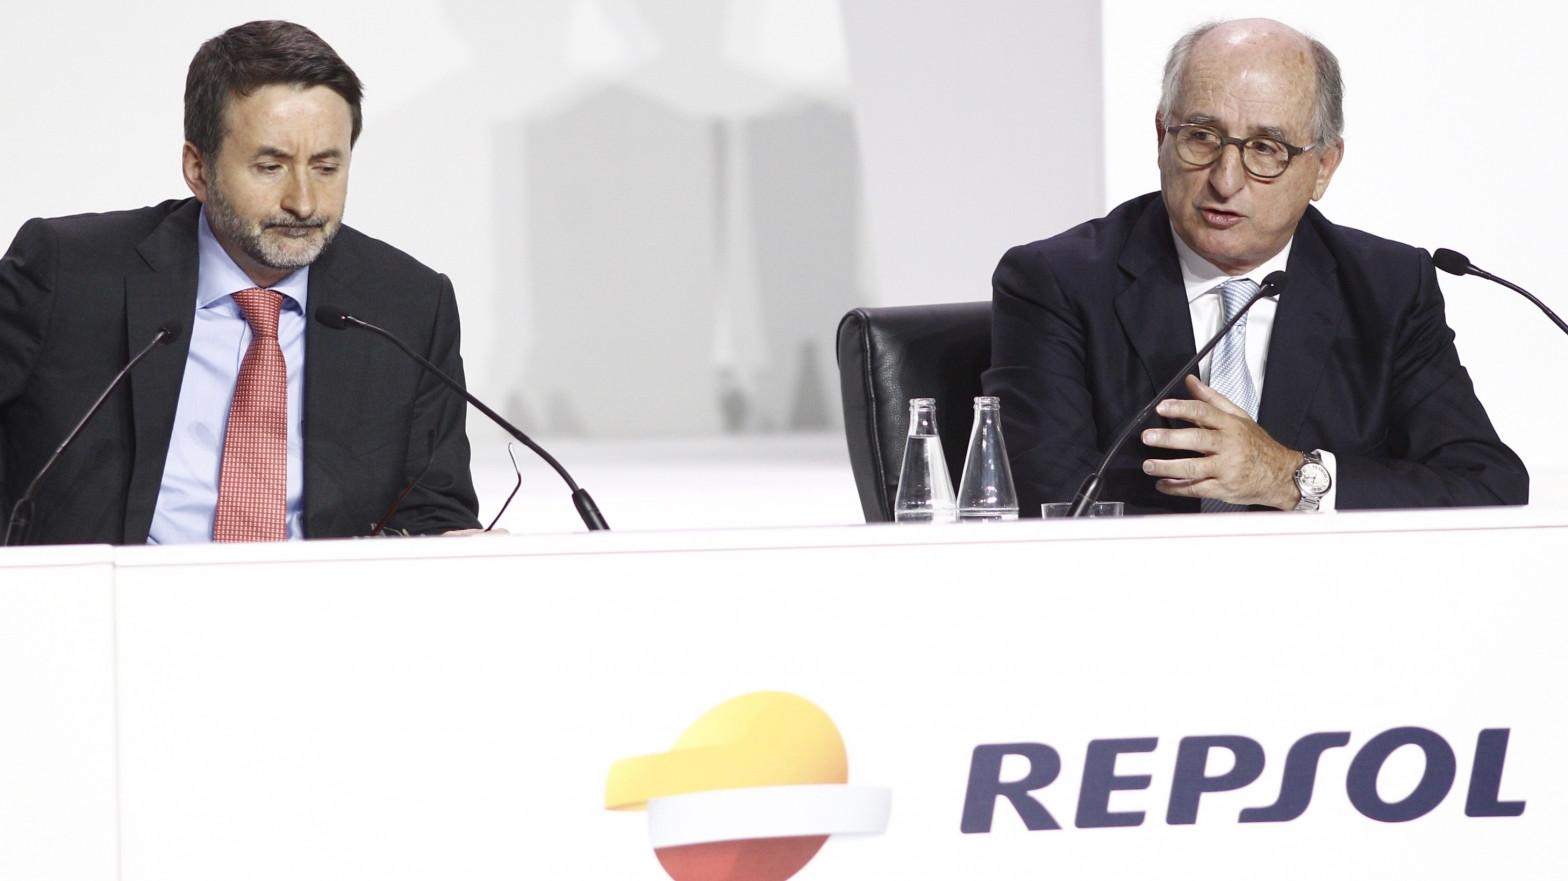 Repsol presenta 30 proyectos por valor de 6.000 millones para financiarse con fondos europeos